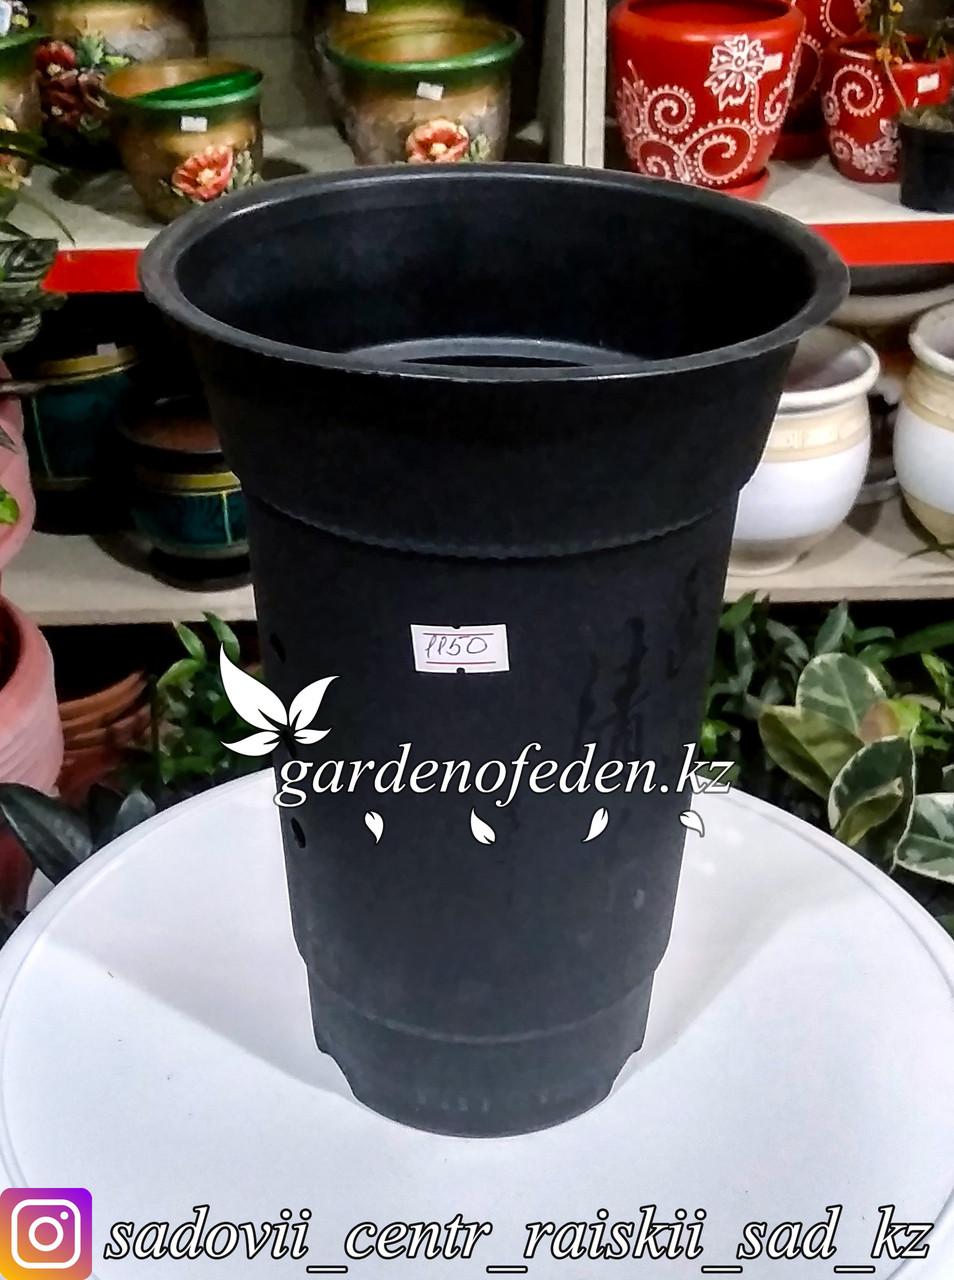 Пластиковый горшок для орхидей. Объем: 1.5л. Цвет: Черный.